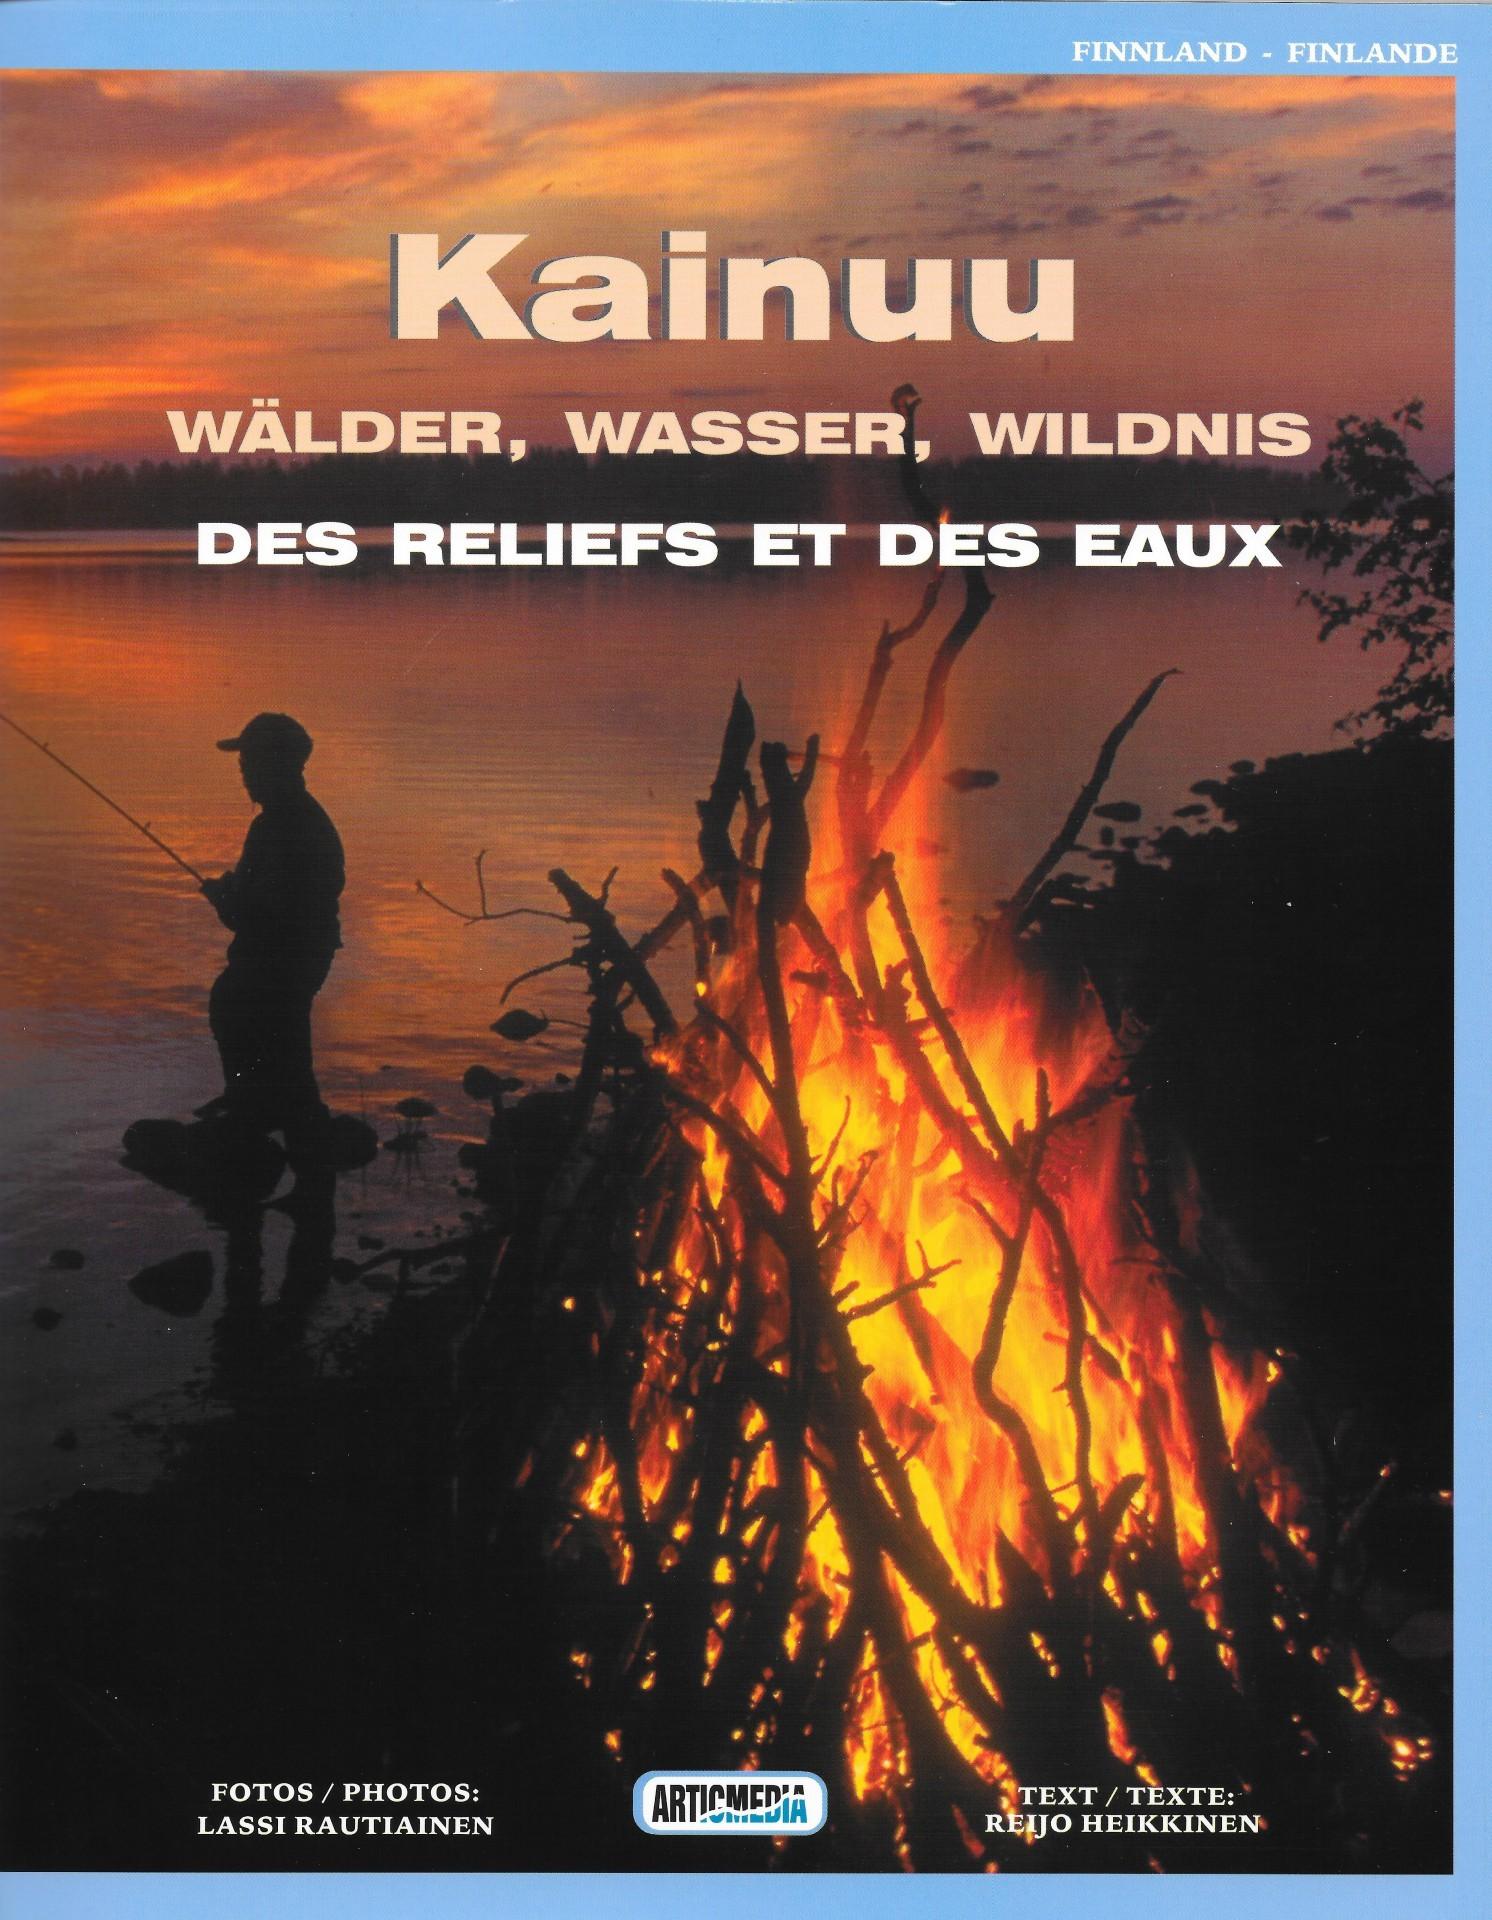 Kainuu - Walder, Wasser, Wildnis 2003